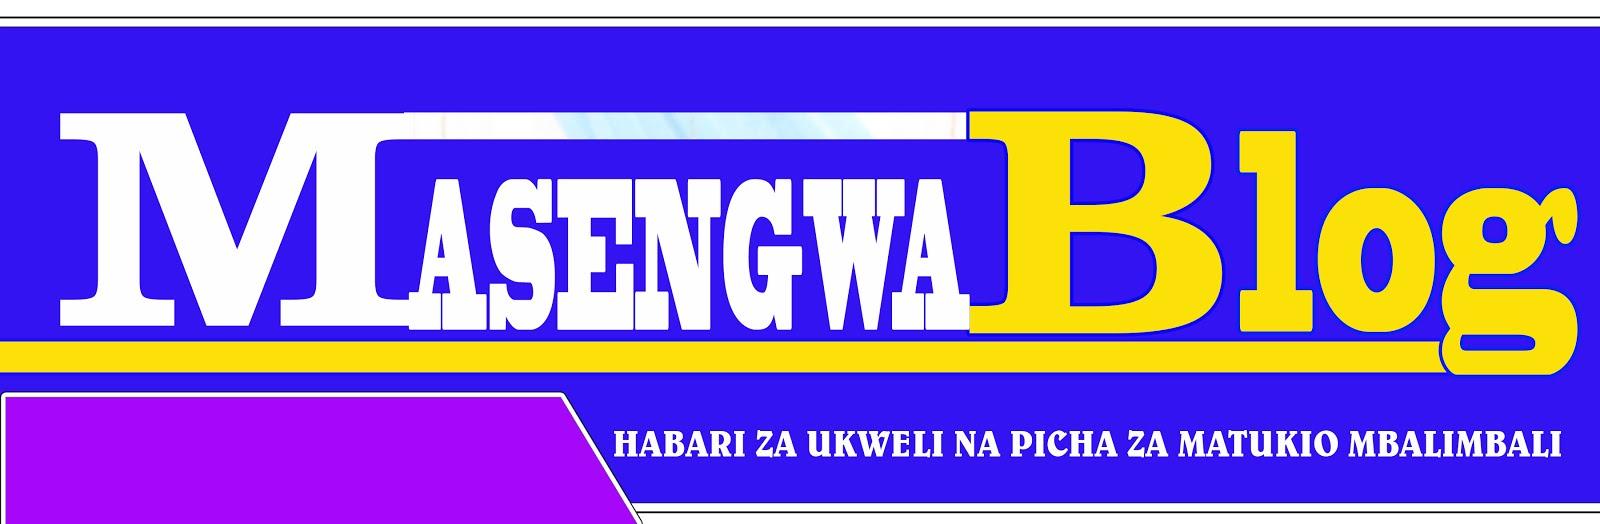 MASENGWA BLOG